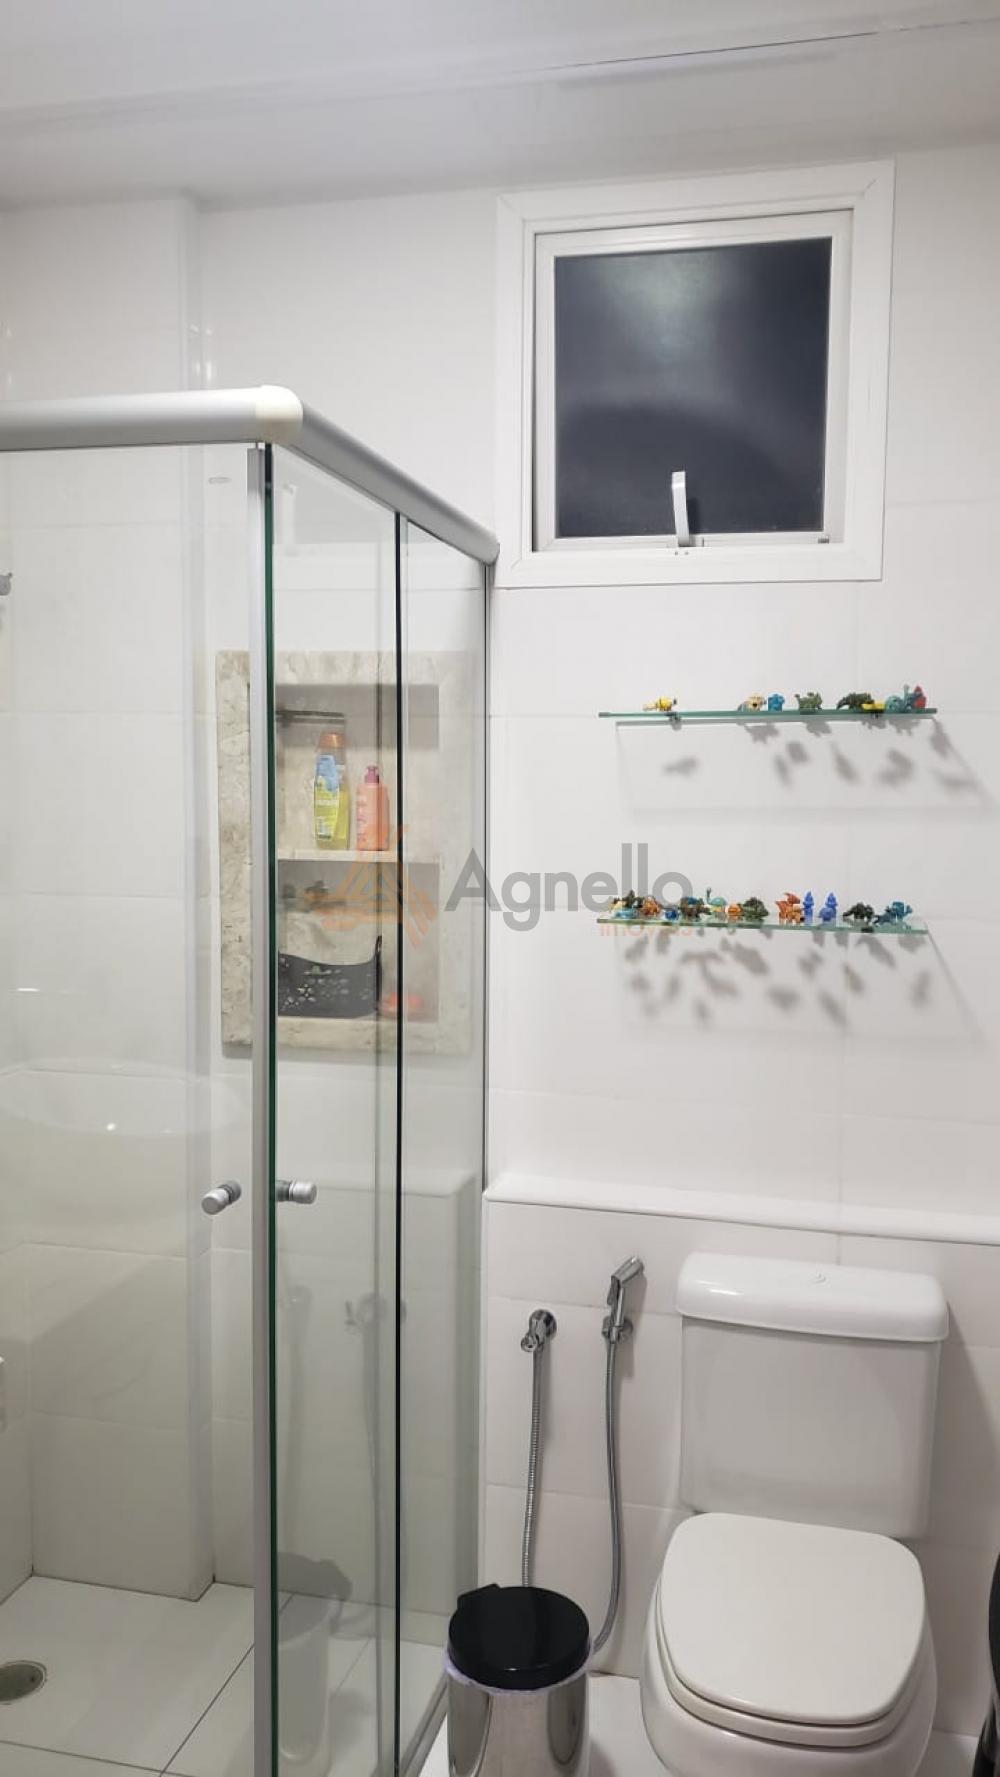 Comprar Apartamento / Padrão em Franca R$ 690.000,00 - Foto 20